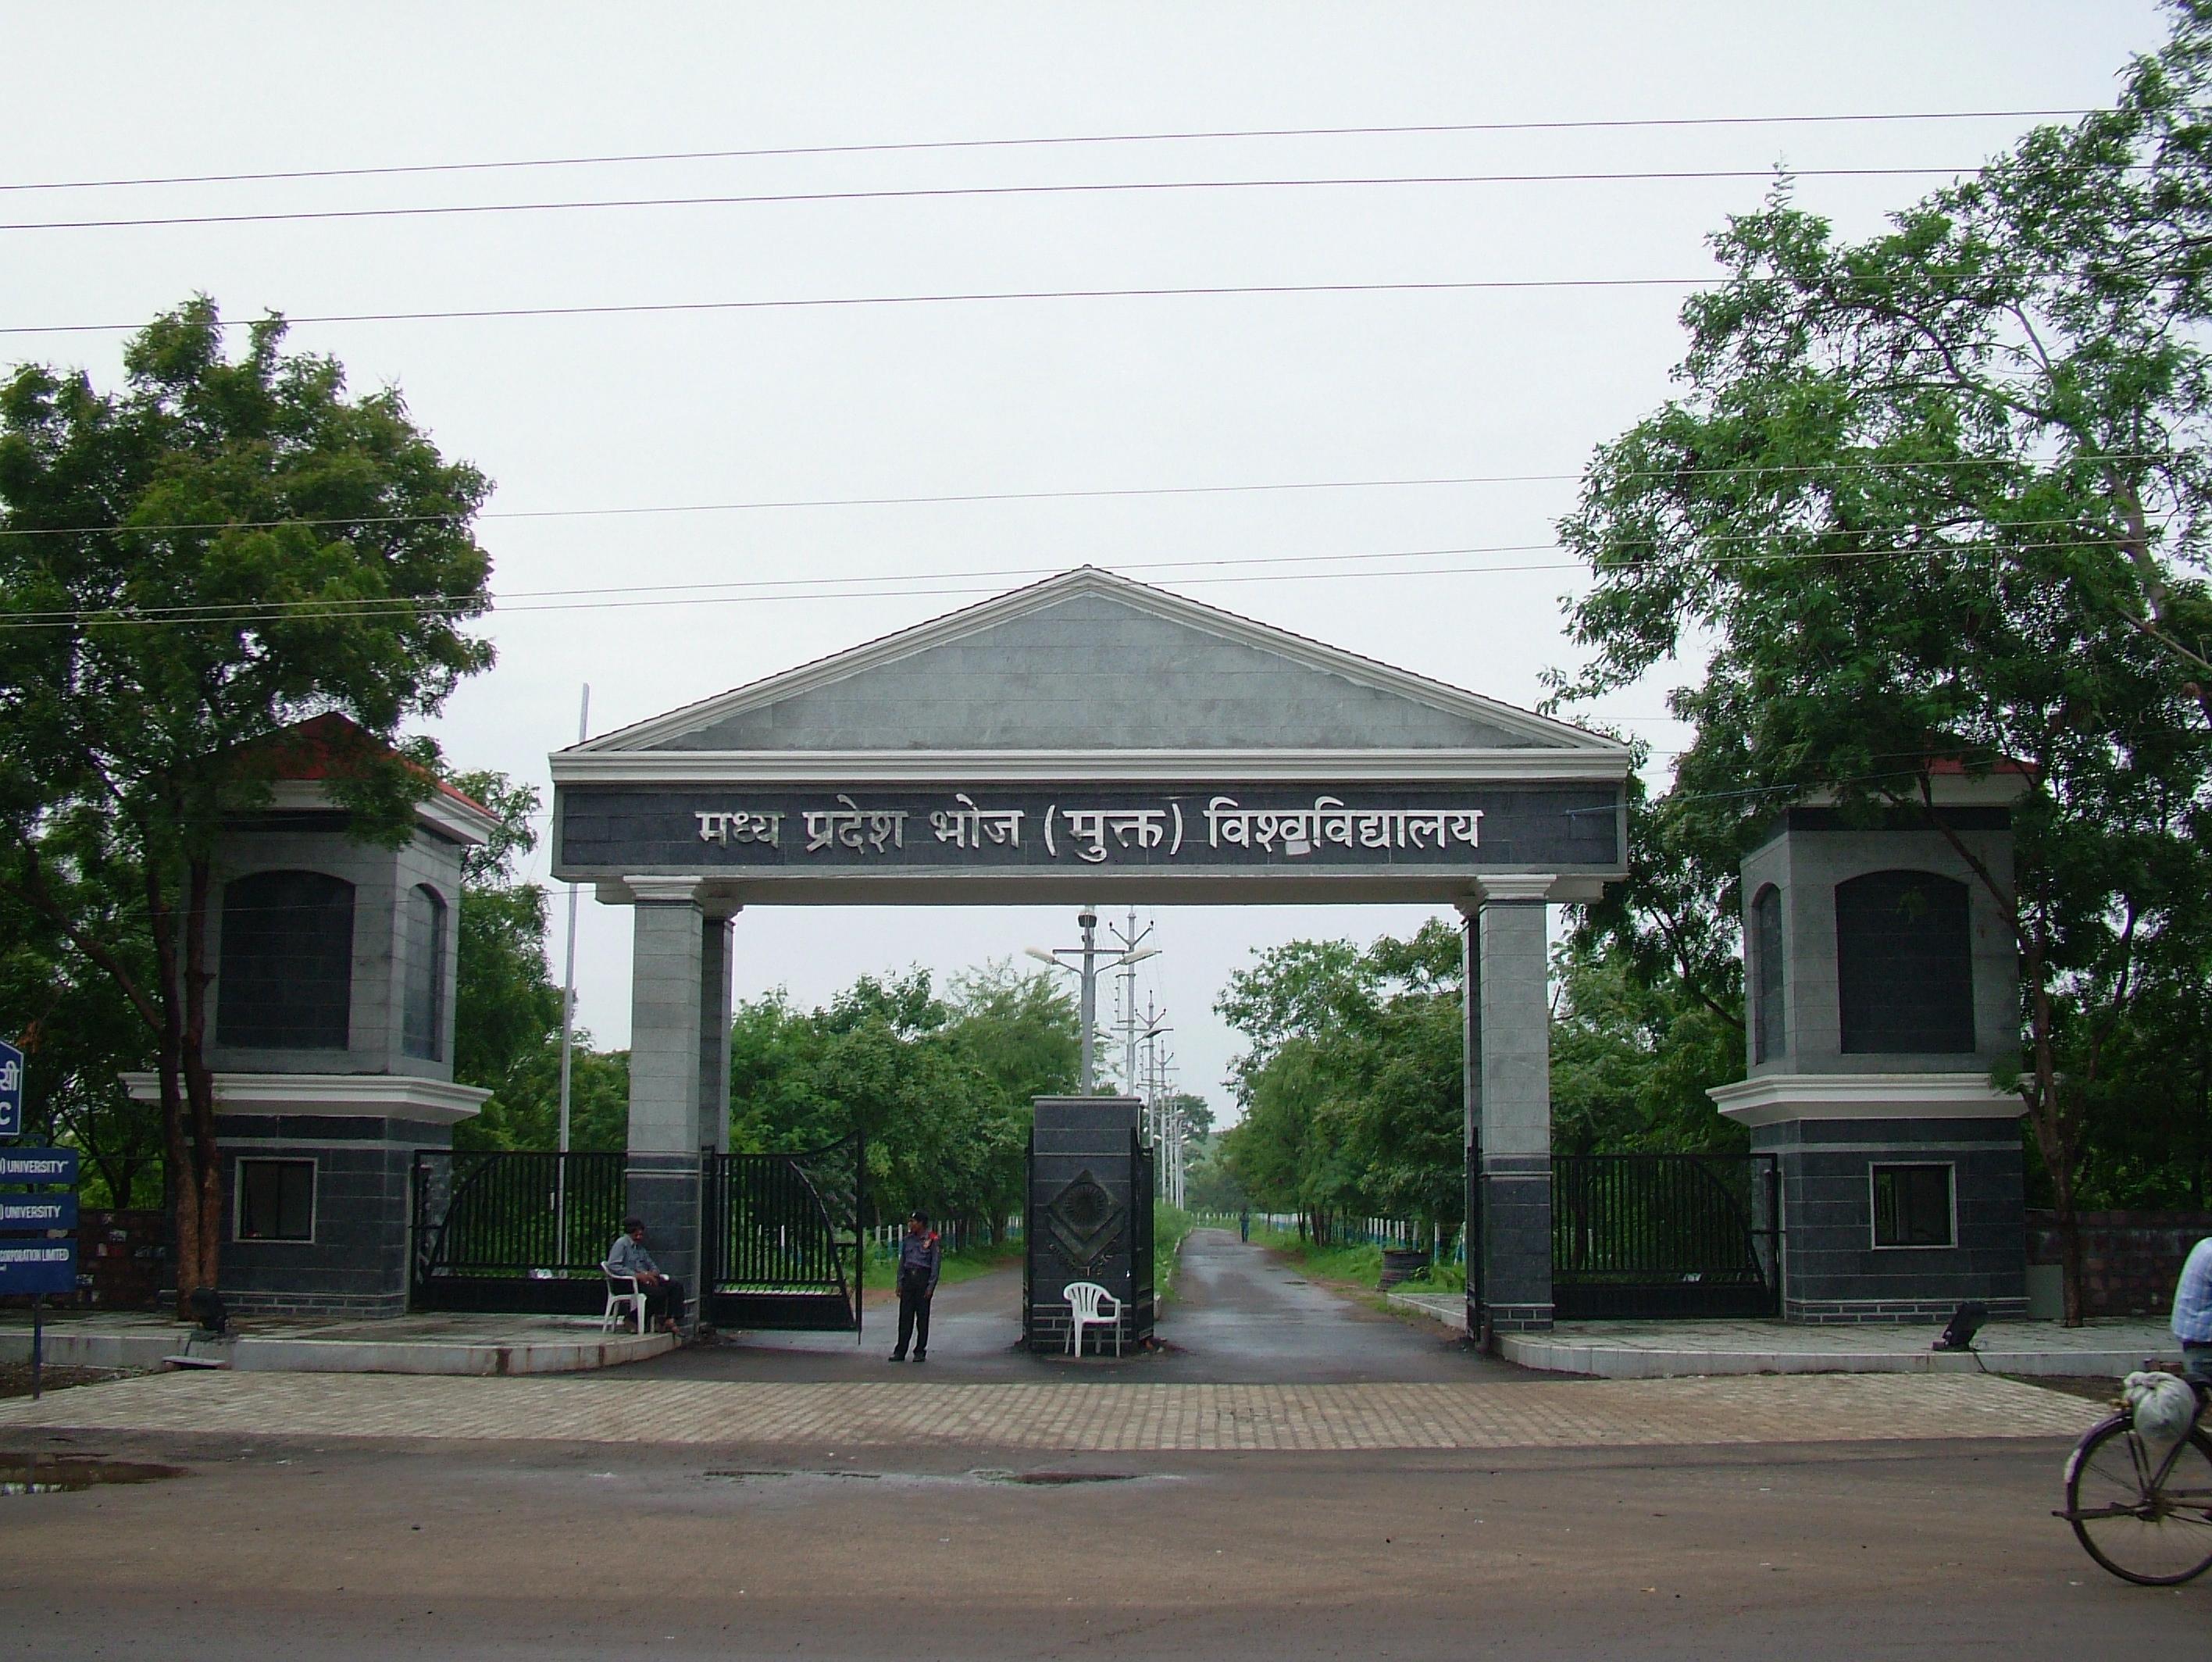 MPBOU (Madhya Pradesh Bhoj Open University)